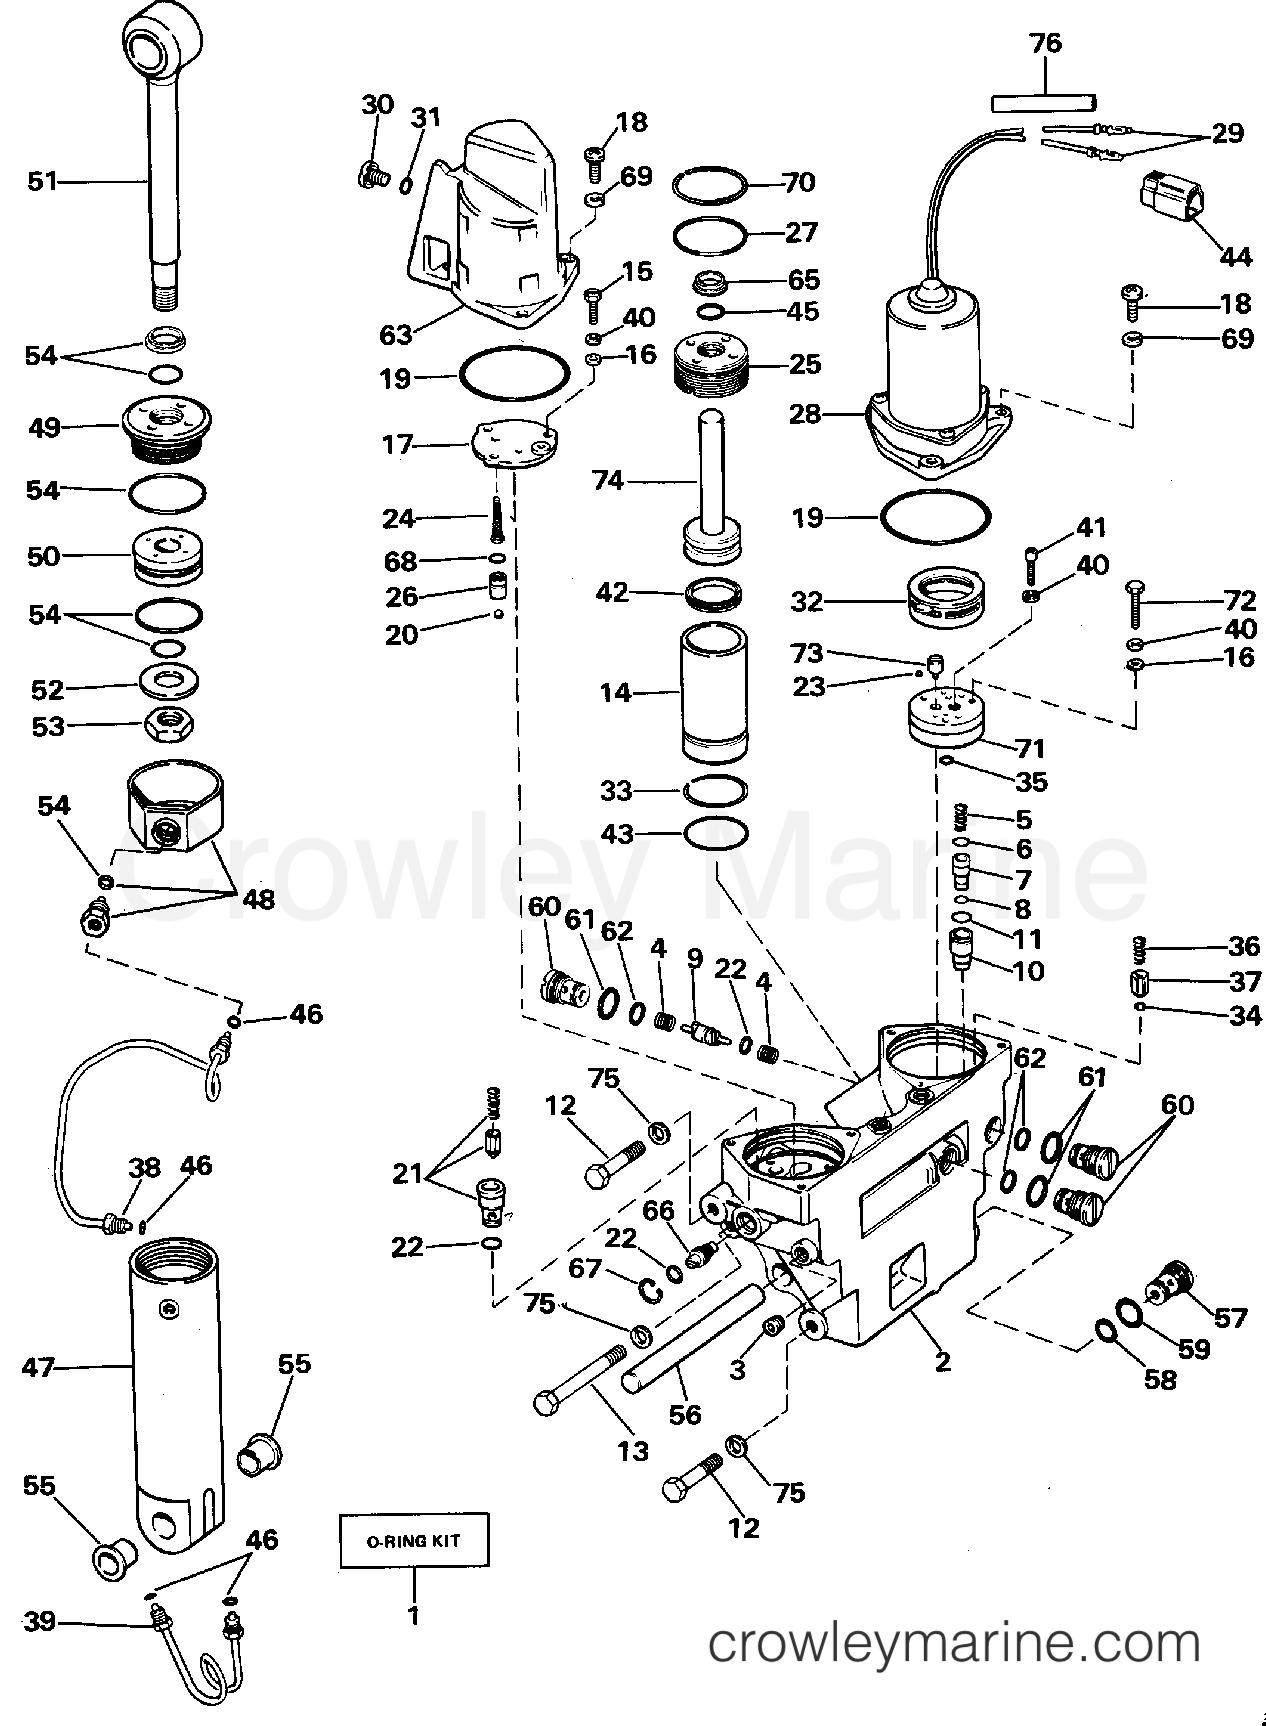 evinrude trim wiring diagram wiring diagram database Alfa Romeo Wiring Diagrams 1988 evinrude wiring diagram wiring diagram database evinrude schematics evinrude trim wiring diagram